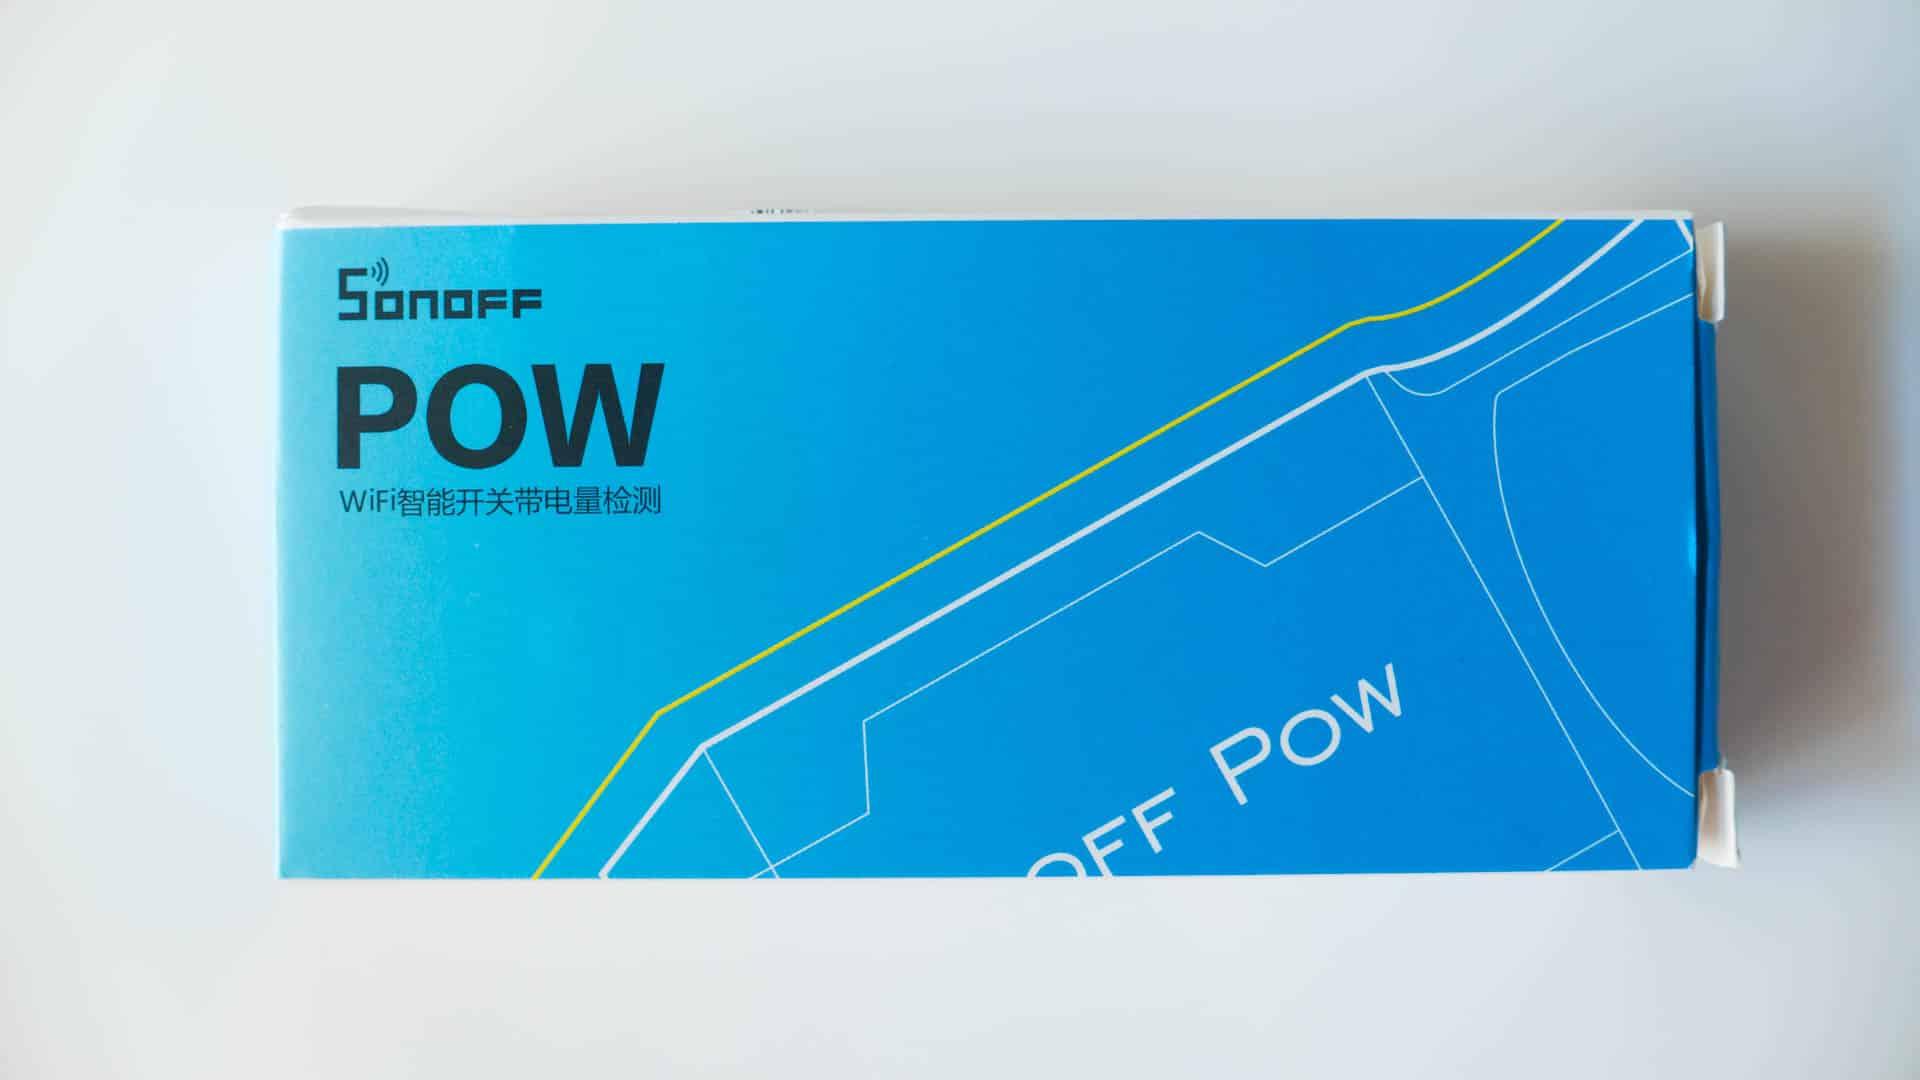 Sonoff-Pow-Verpackung-vorne